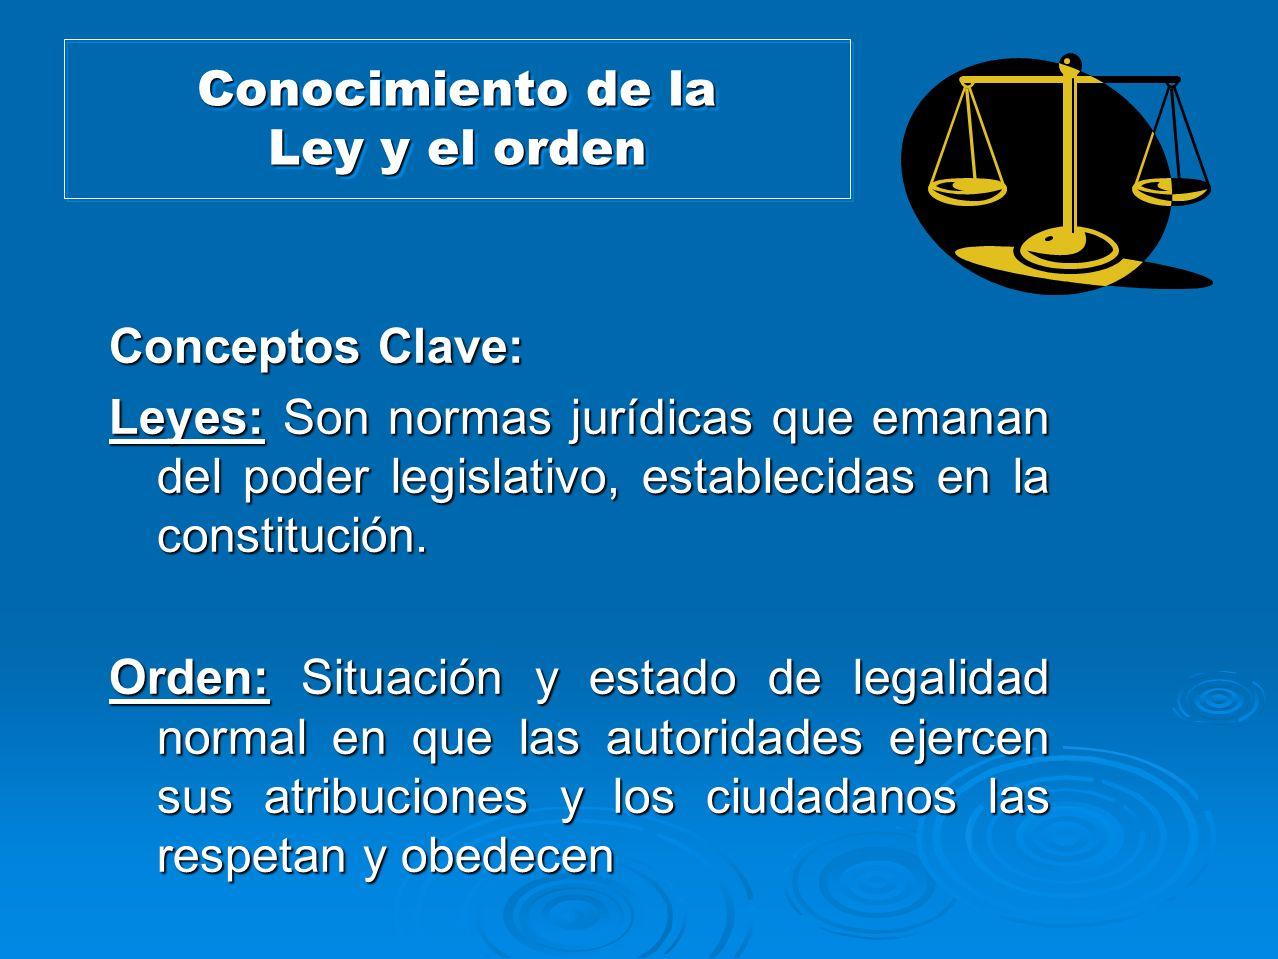 Conocimiento de la Ley y el orden